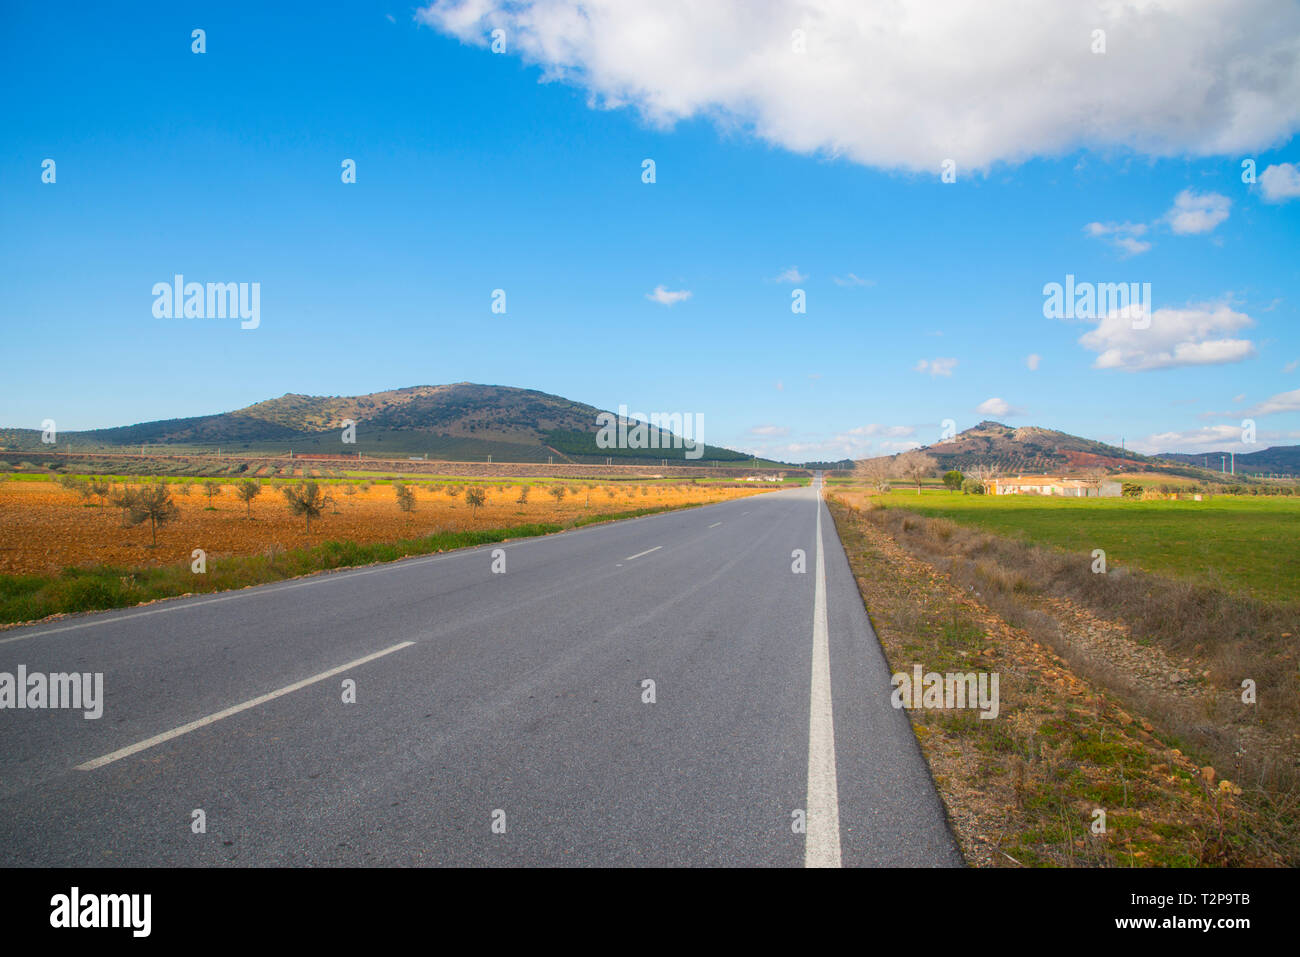 Road. Fuente El Fresno, Ciudad Real province, Castilla La Mancha, Spain. Stock Photo